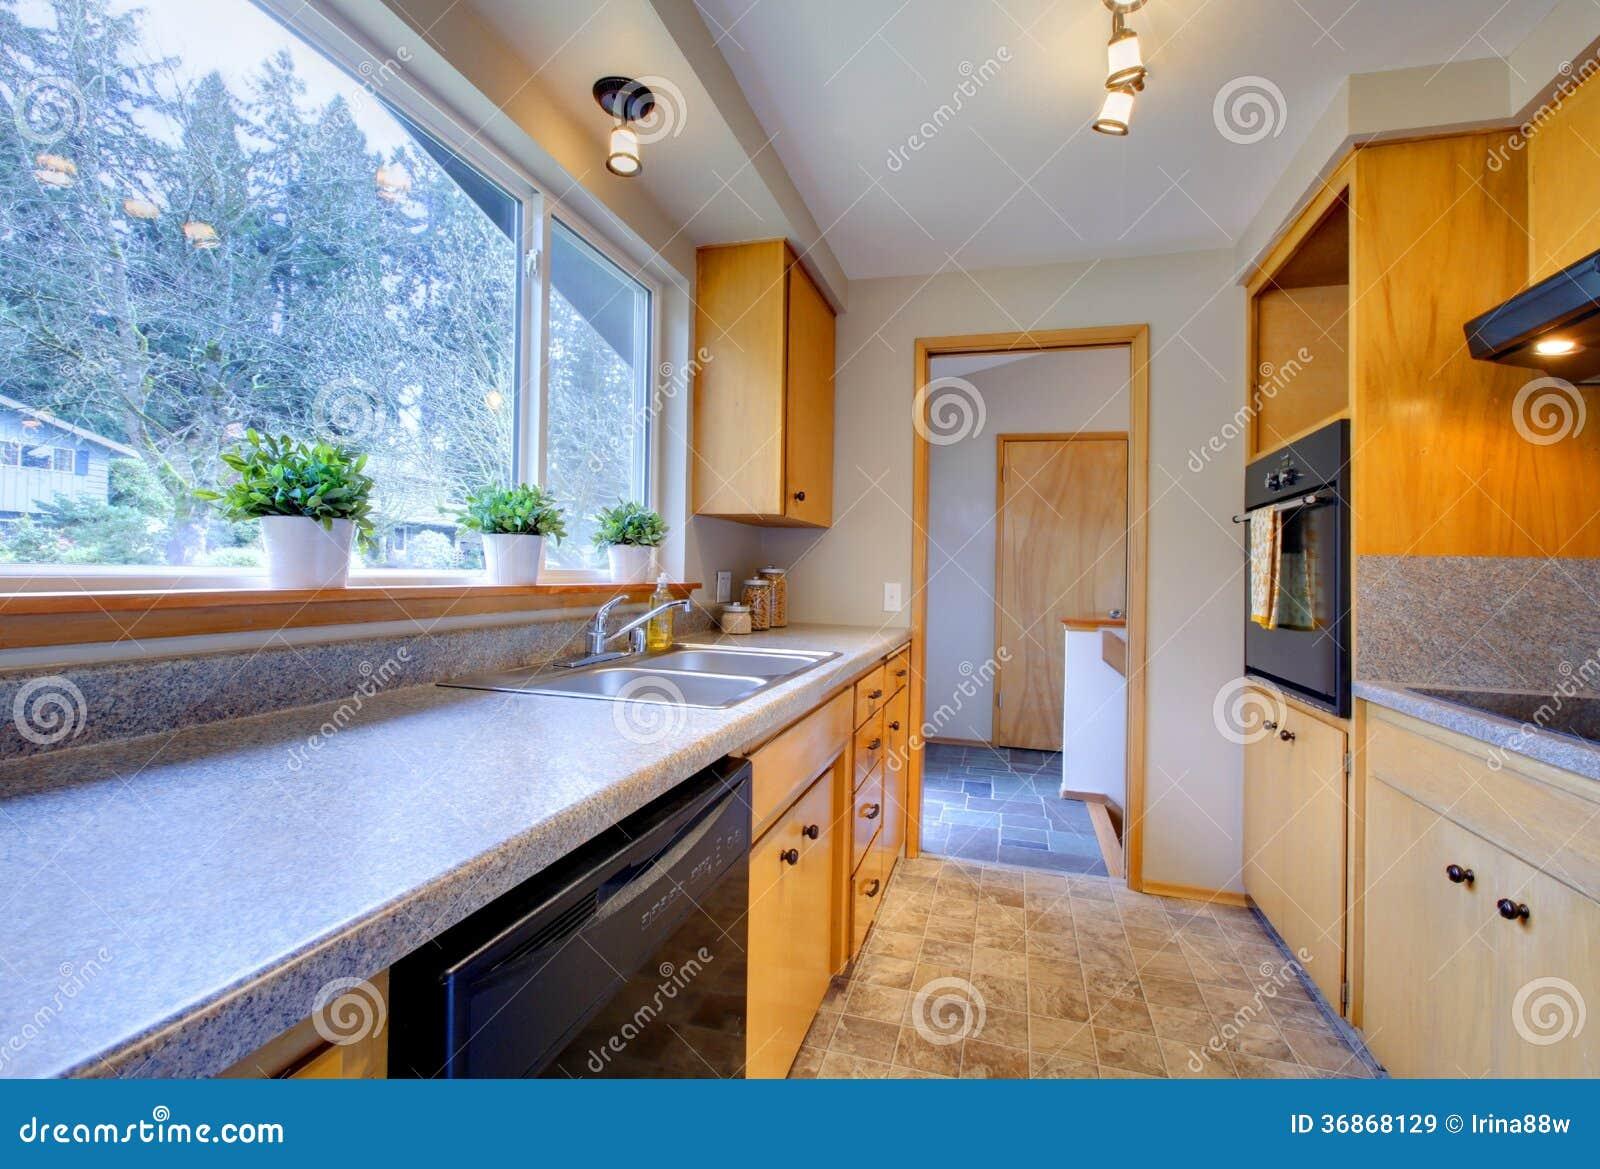 Cozinha Moderna Com Janela Larga Imagem De Stock Imagem De